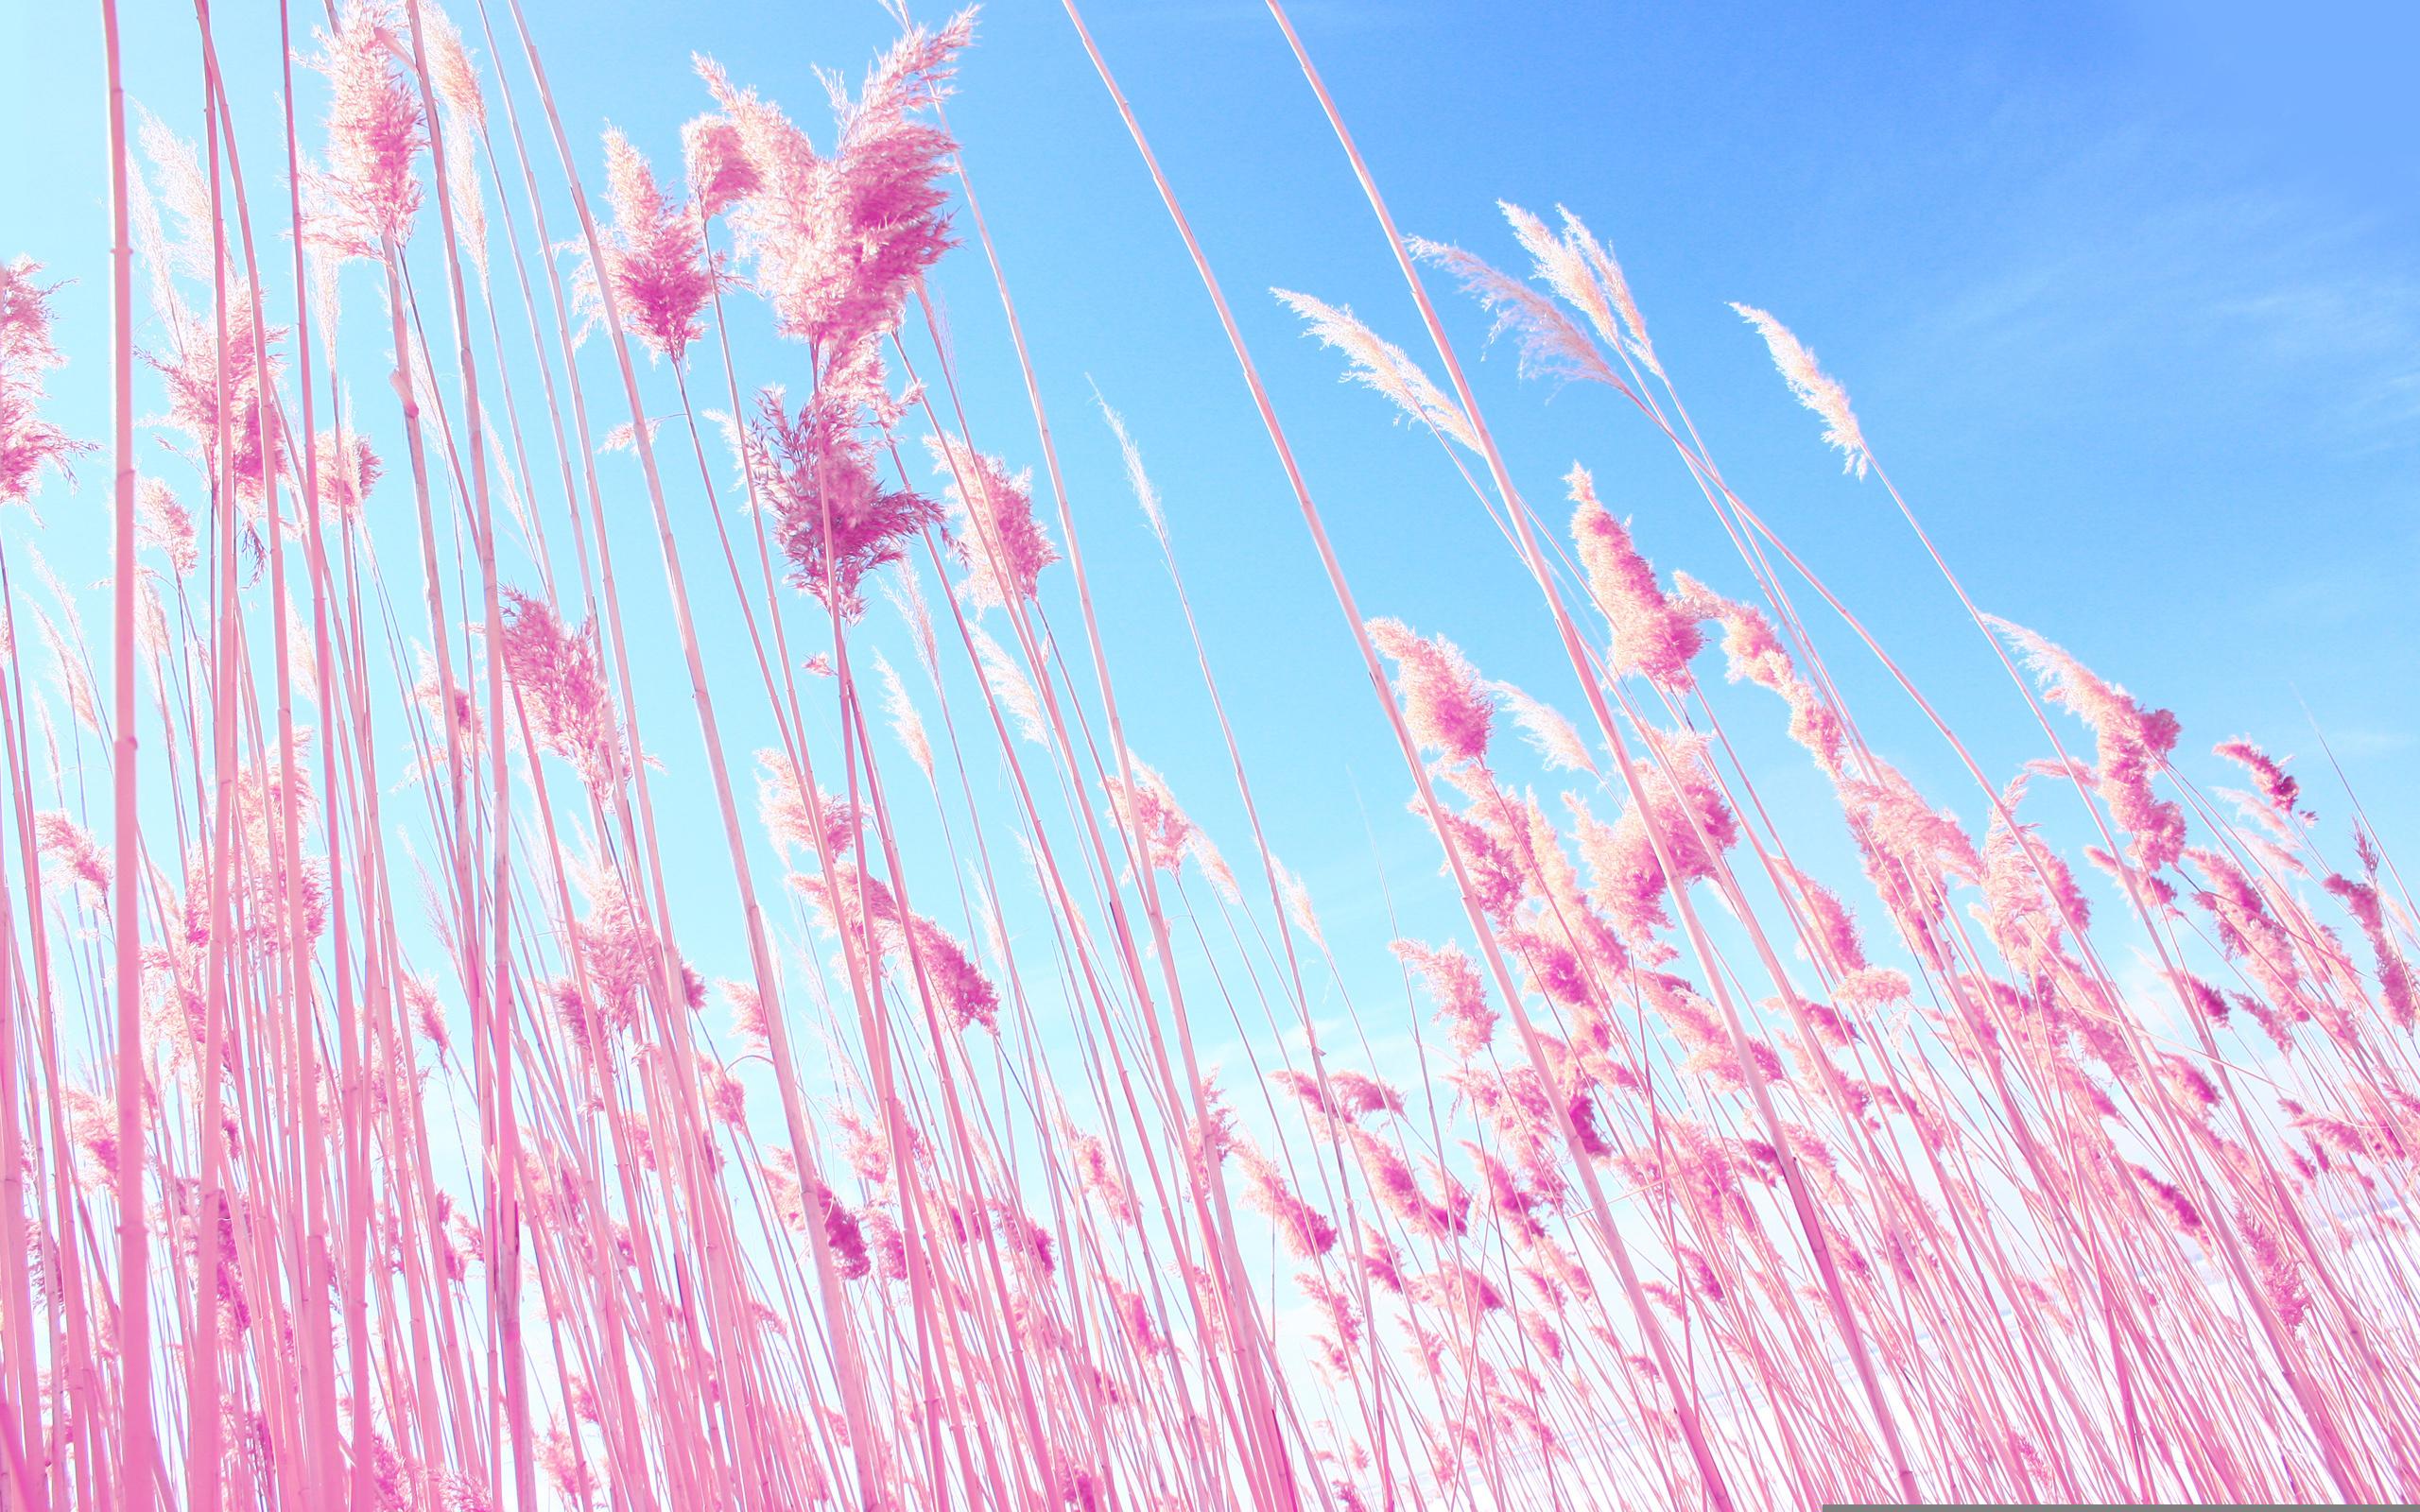 картинки в розовых тонах на телефон запросу